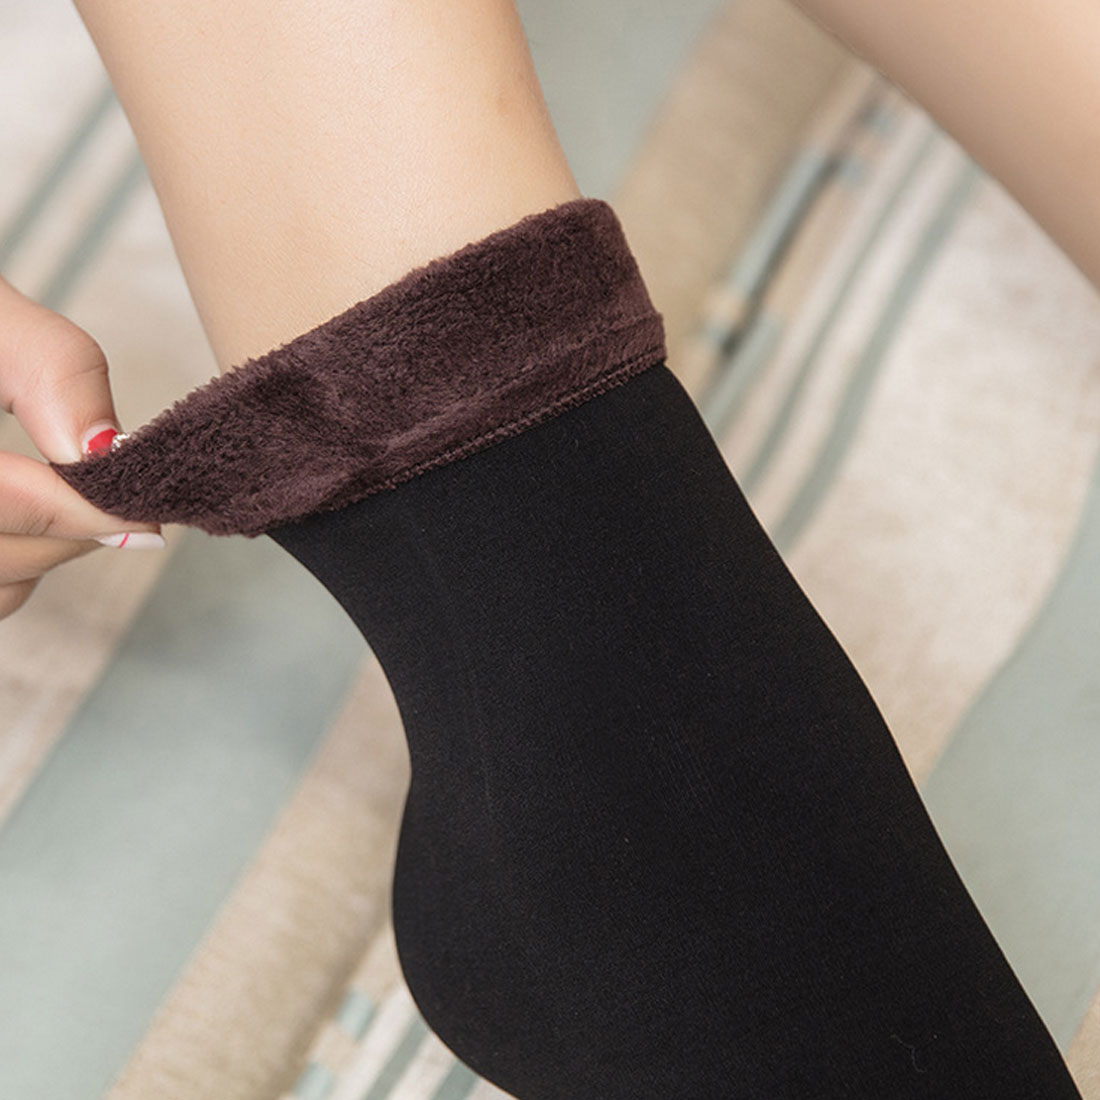 Hot 1 Pair Women Socks Winter Warm Thicken Socks Wool Home Snow Boots Cotton Socks Female Winter Velvet Floor Socks